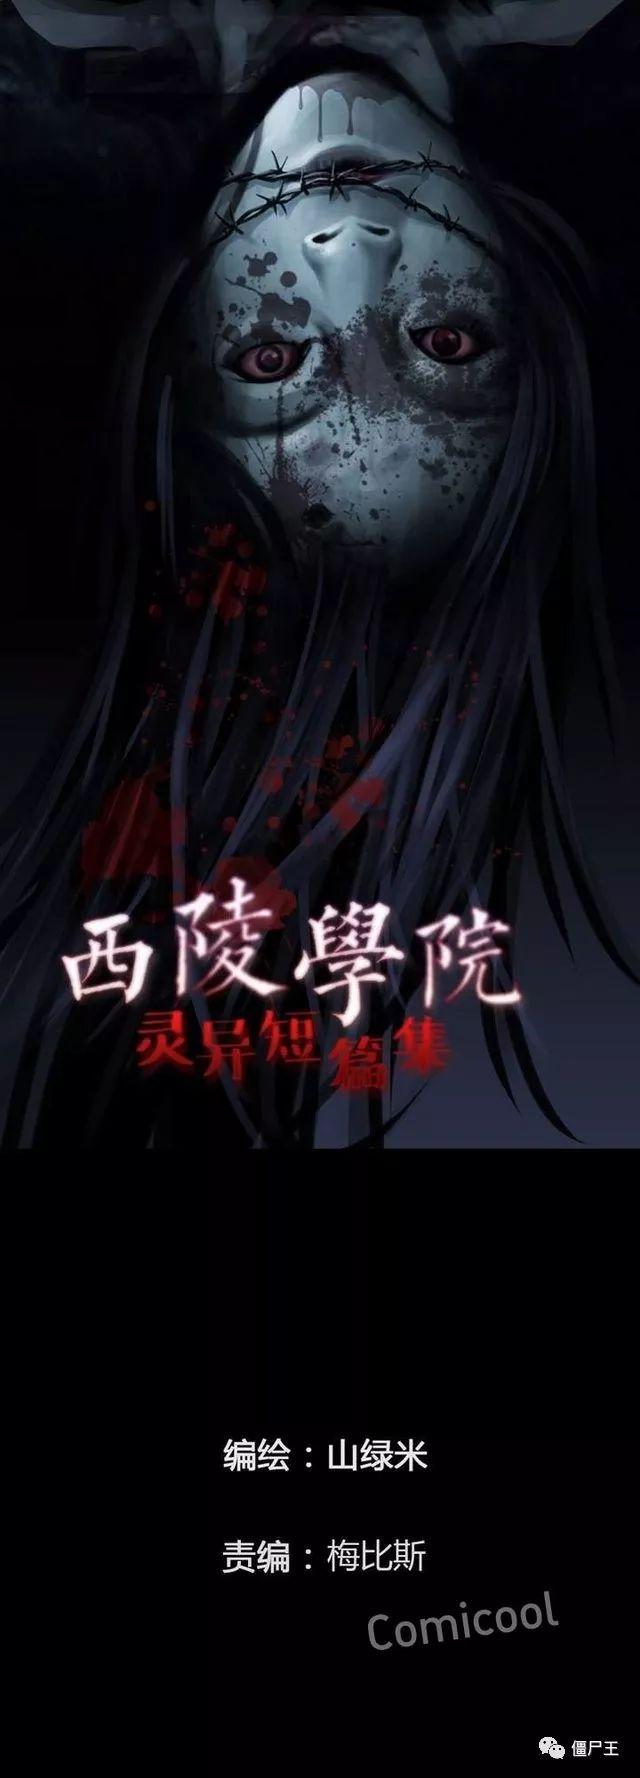 恐怖漫画:系列连载【完结】-西陵学院 > 直播-僵尸王